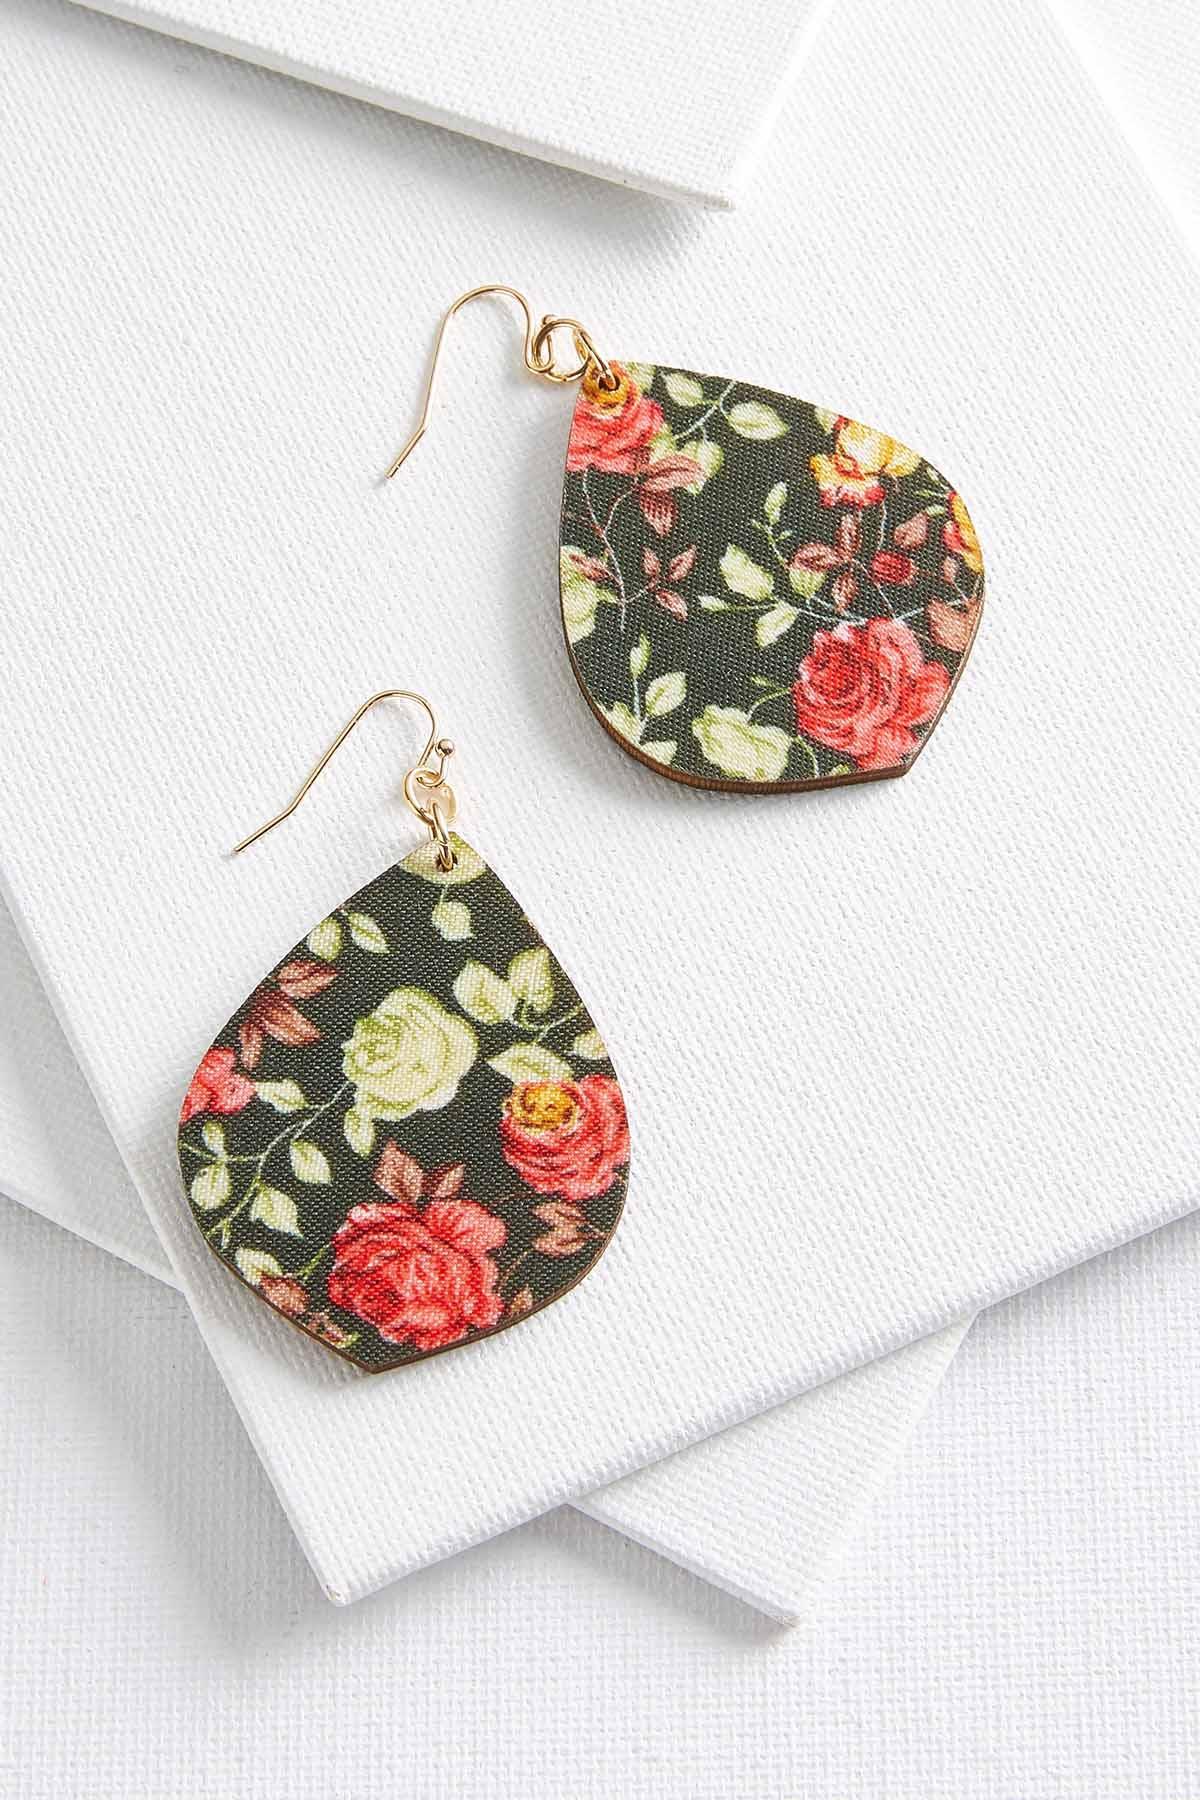 Wooden Floral Print Earrings